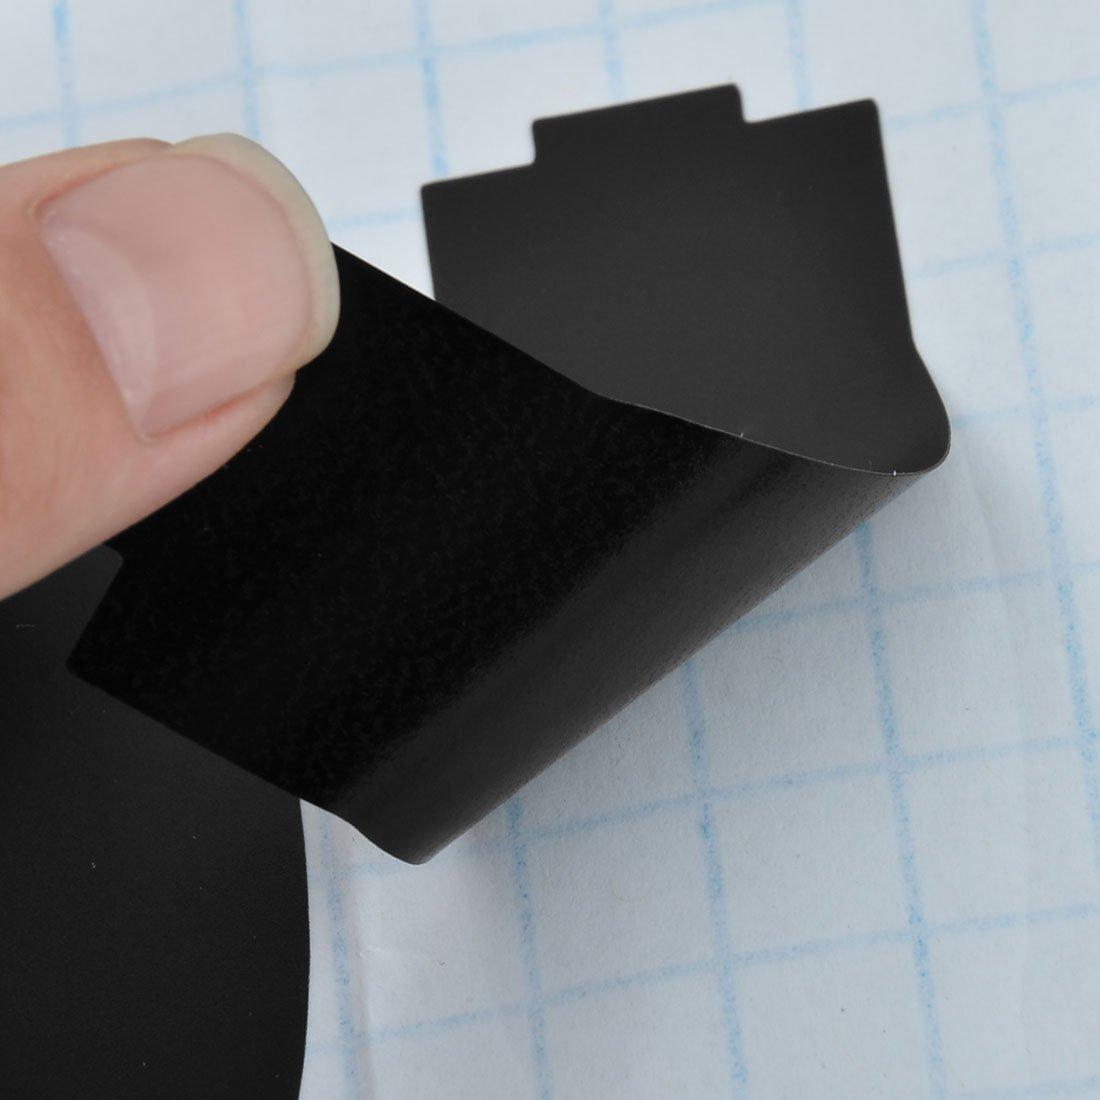 eDealMax casera del PVC desmontable agua frascos de vidrio de la Copa de la pizarra pegatinas Labels 10 piezas Negro - - Amazon.com